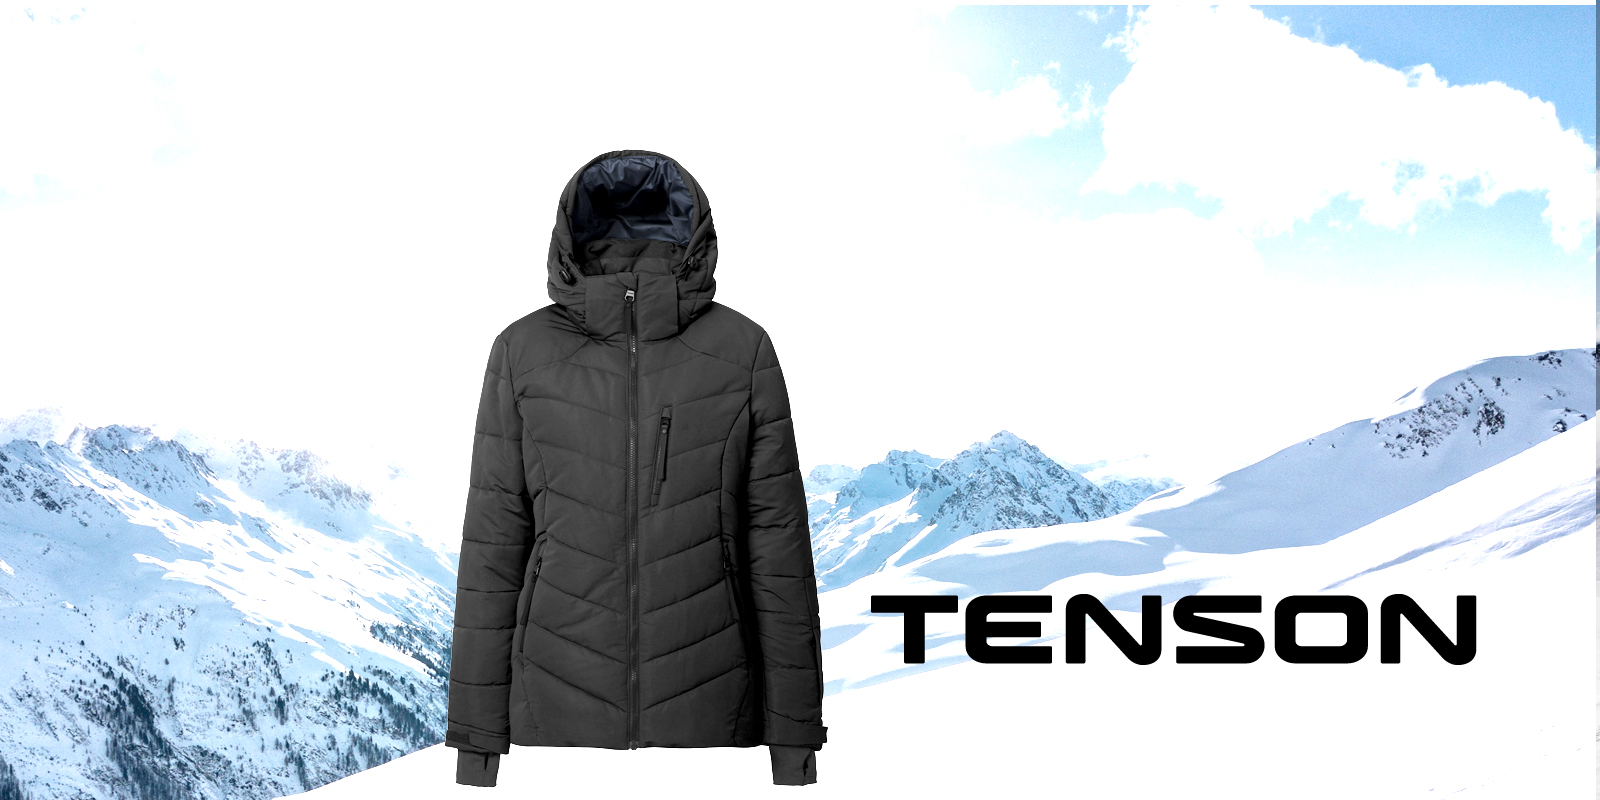 Tenson Airpush